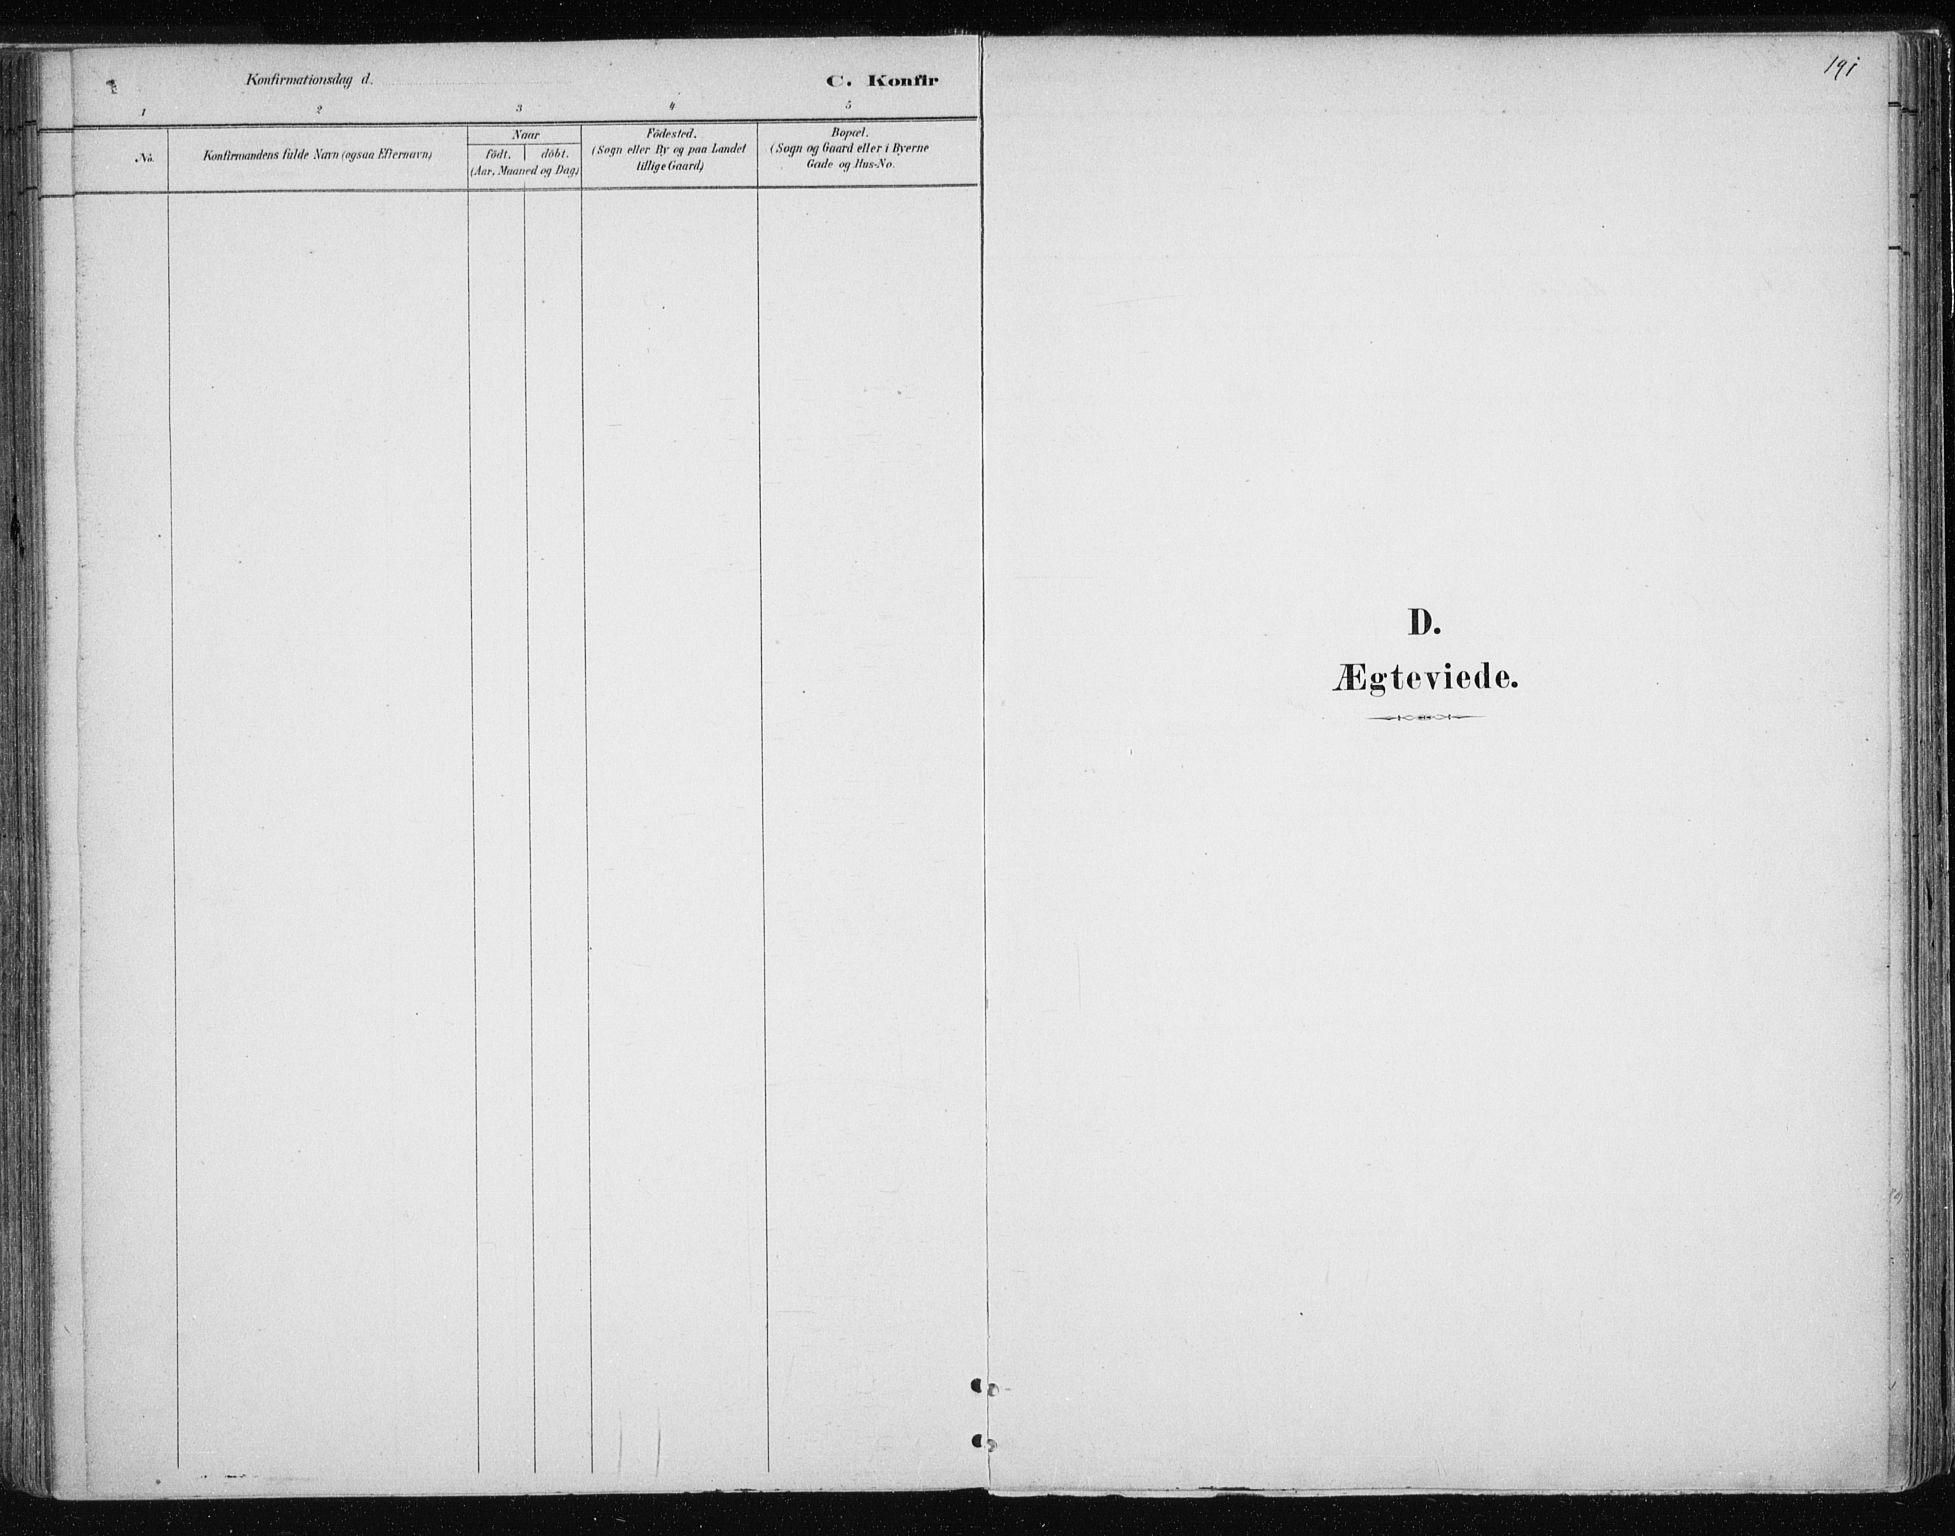 SATØ, Tromsøysund sokneprestkontor, G/Ga/L0004kirke: Parish register (official) no. 4, 1880-1888, p. 191